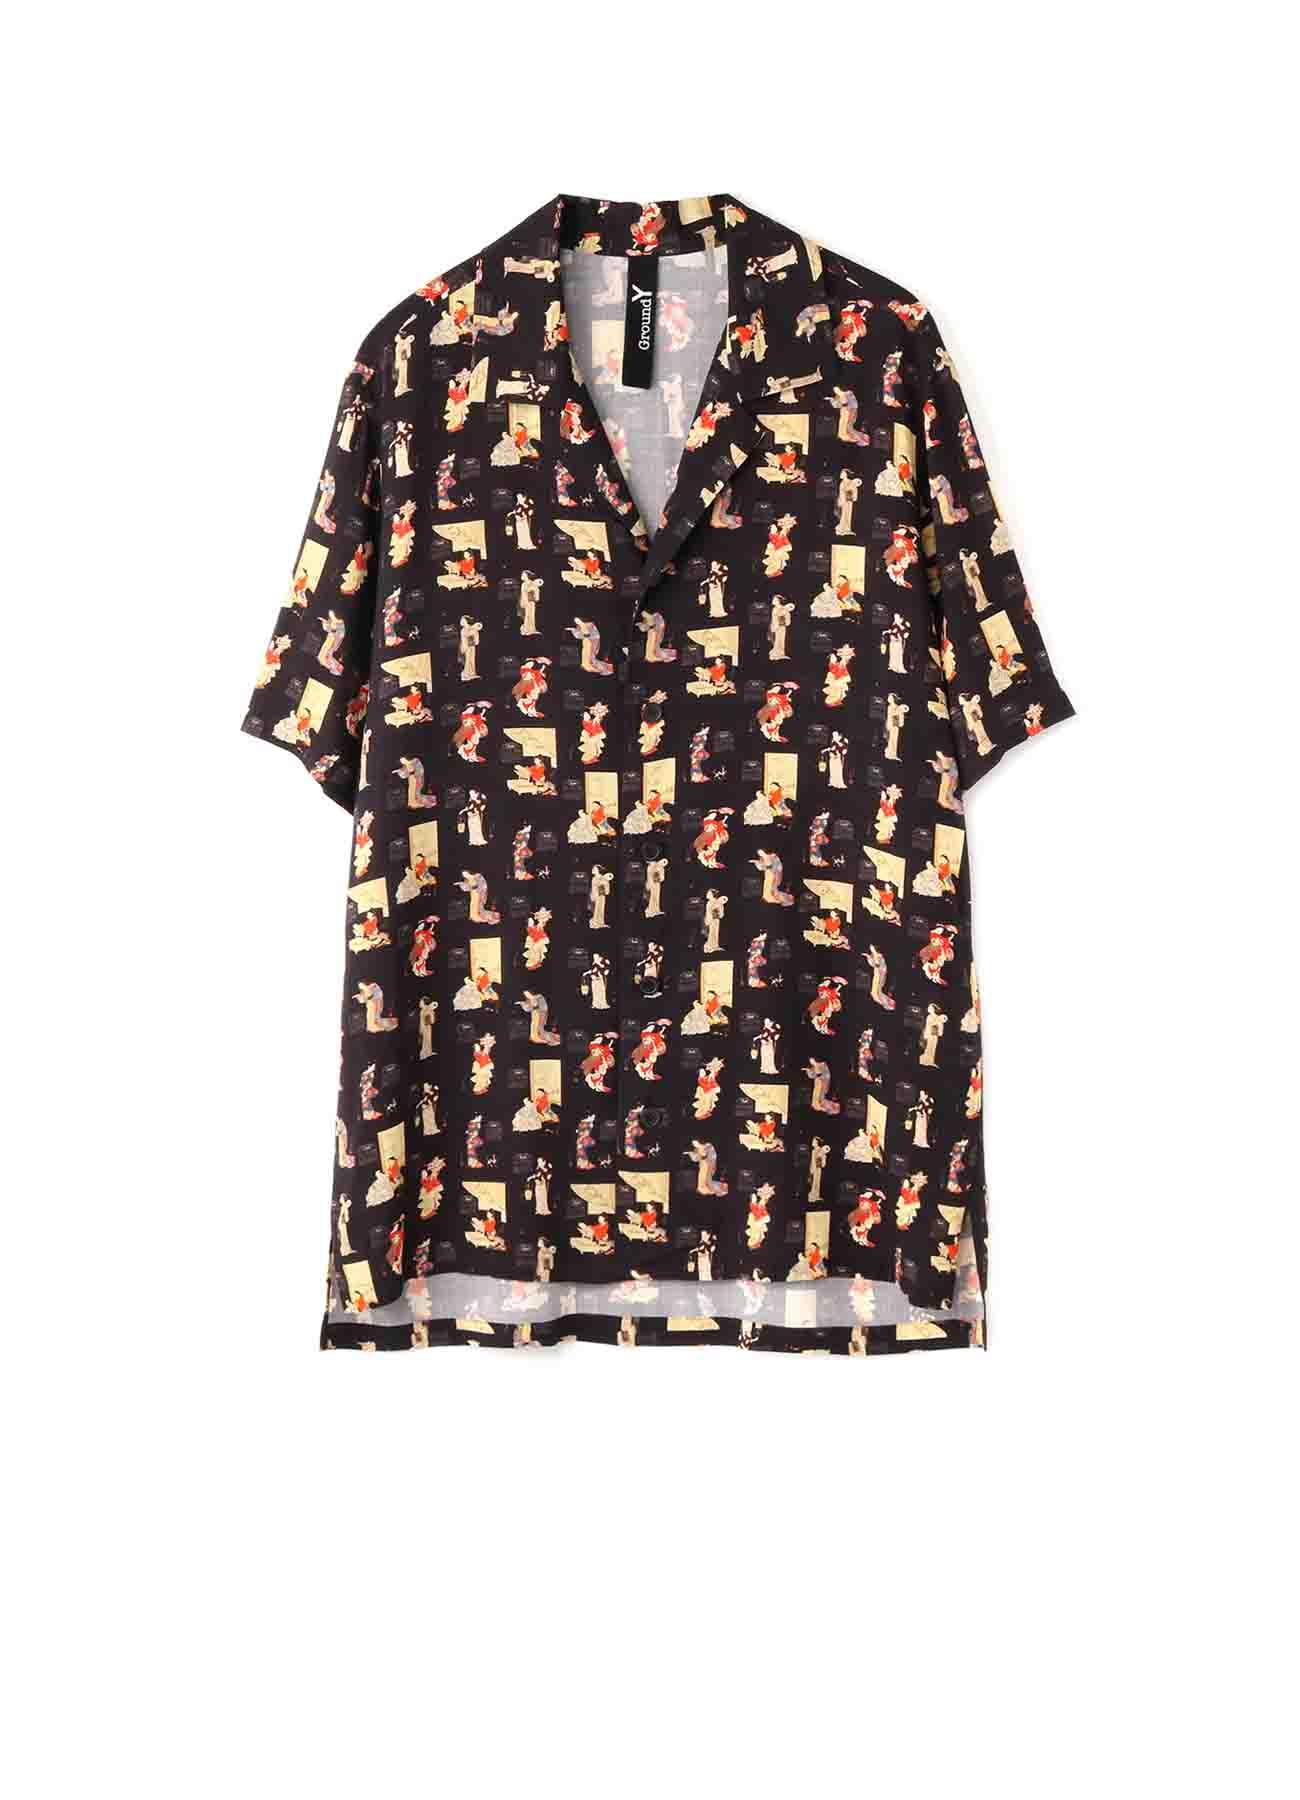 河鍋暁斎-かわなべ きょうさい- Collaboretion Short Sleeves Shirt